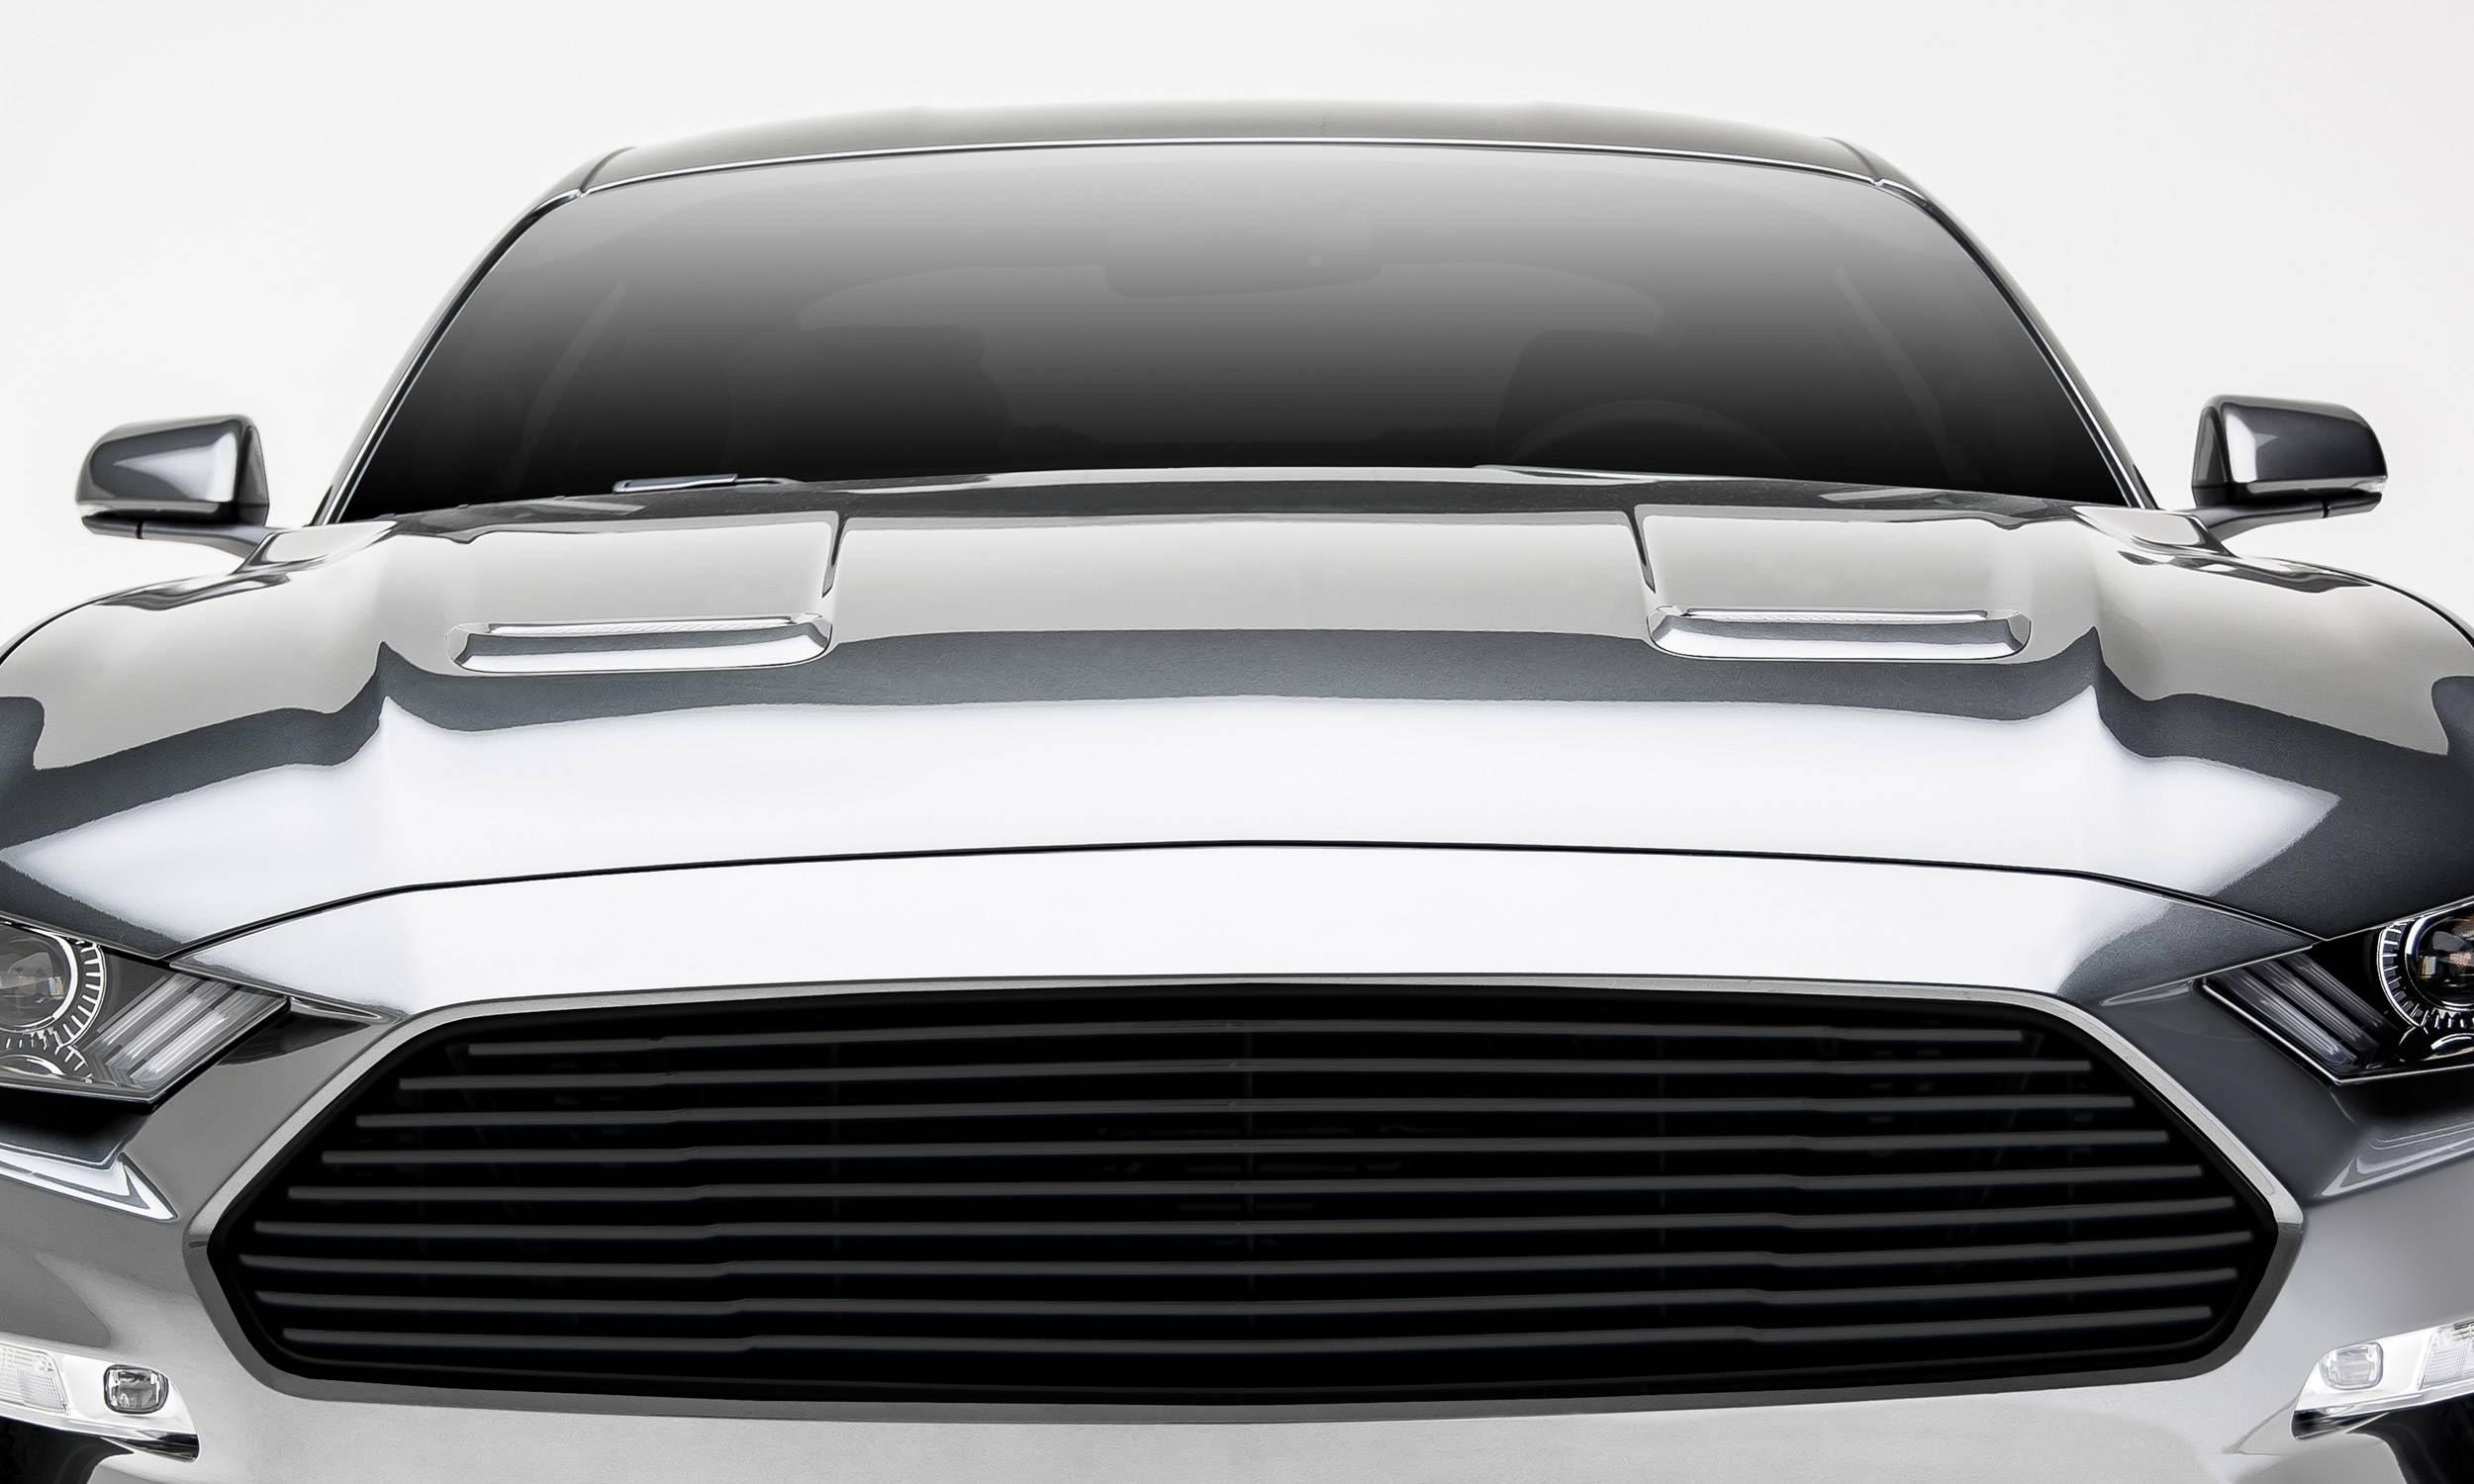 2018-2021 Mustang GT Billet Grille, Black, 1 Pc, Overlay - PN #6215501